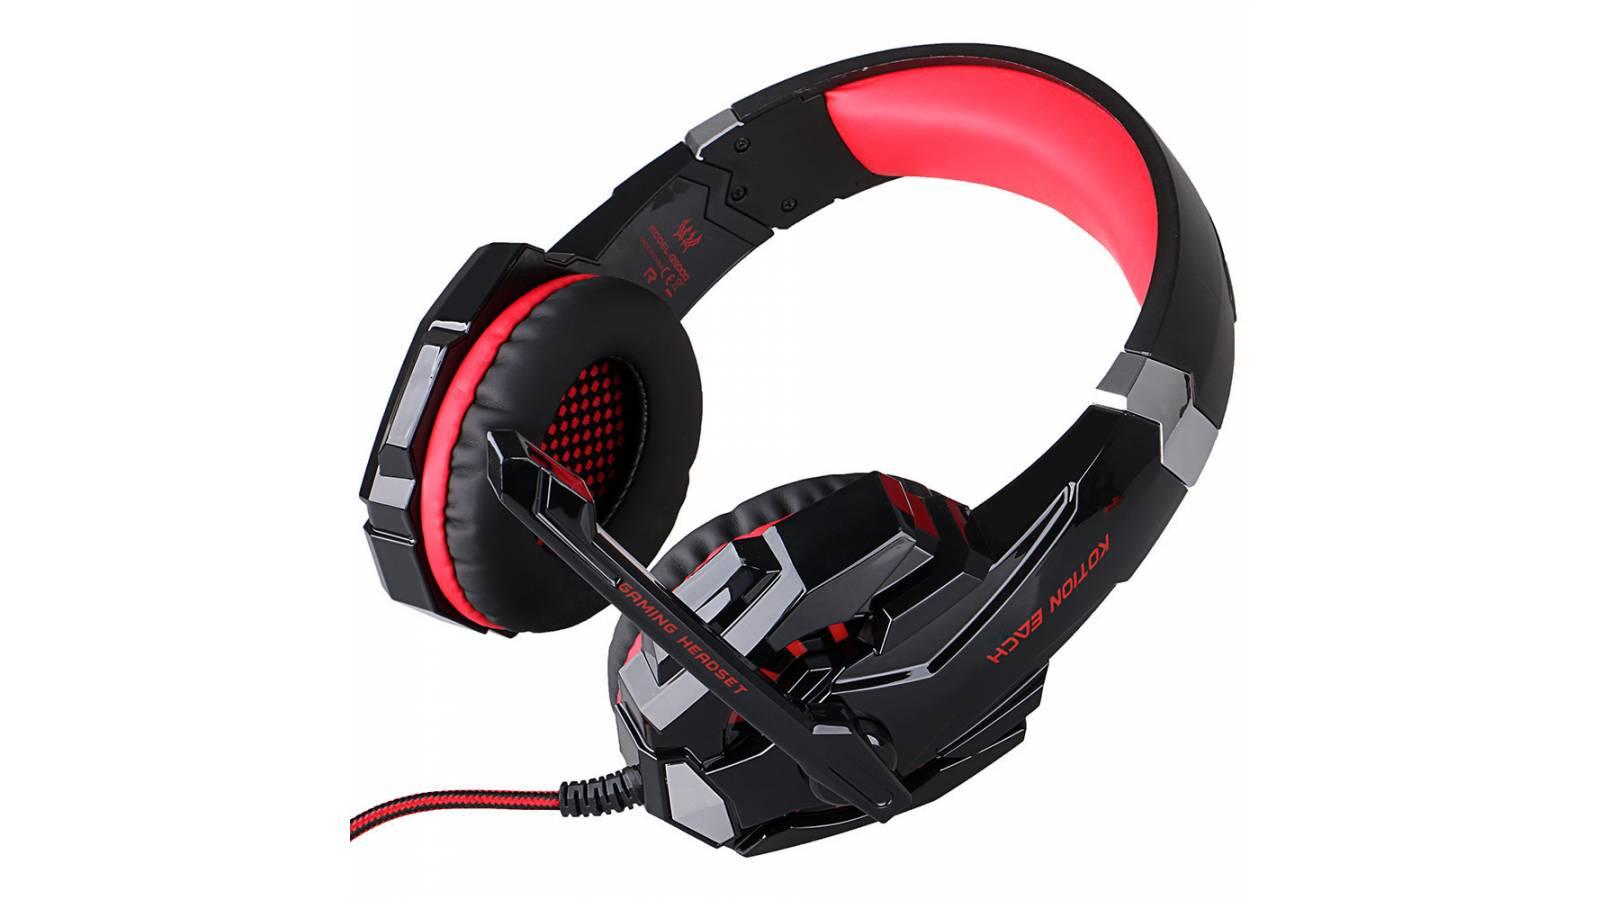 Auriculares / Auricular Gamer Pro PC LED G9000 con Micrófono Gran Sonido Oferta